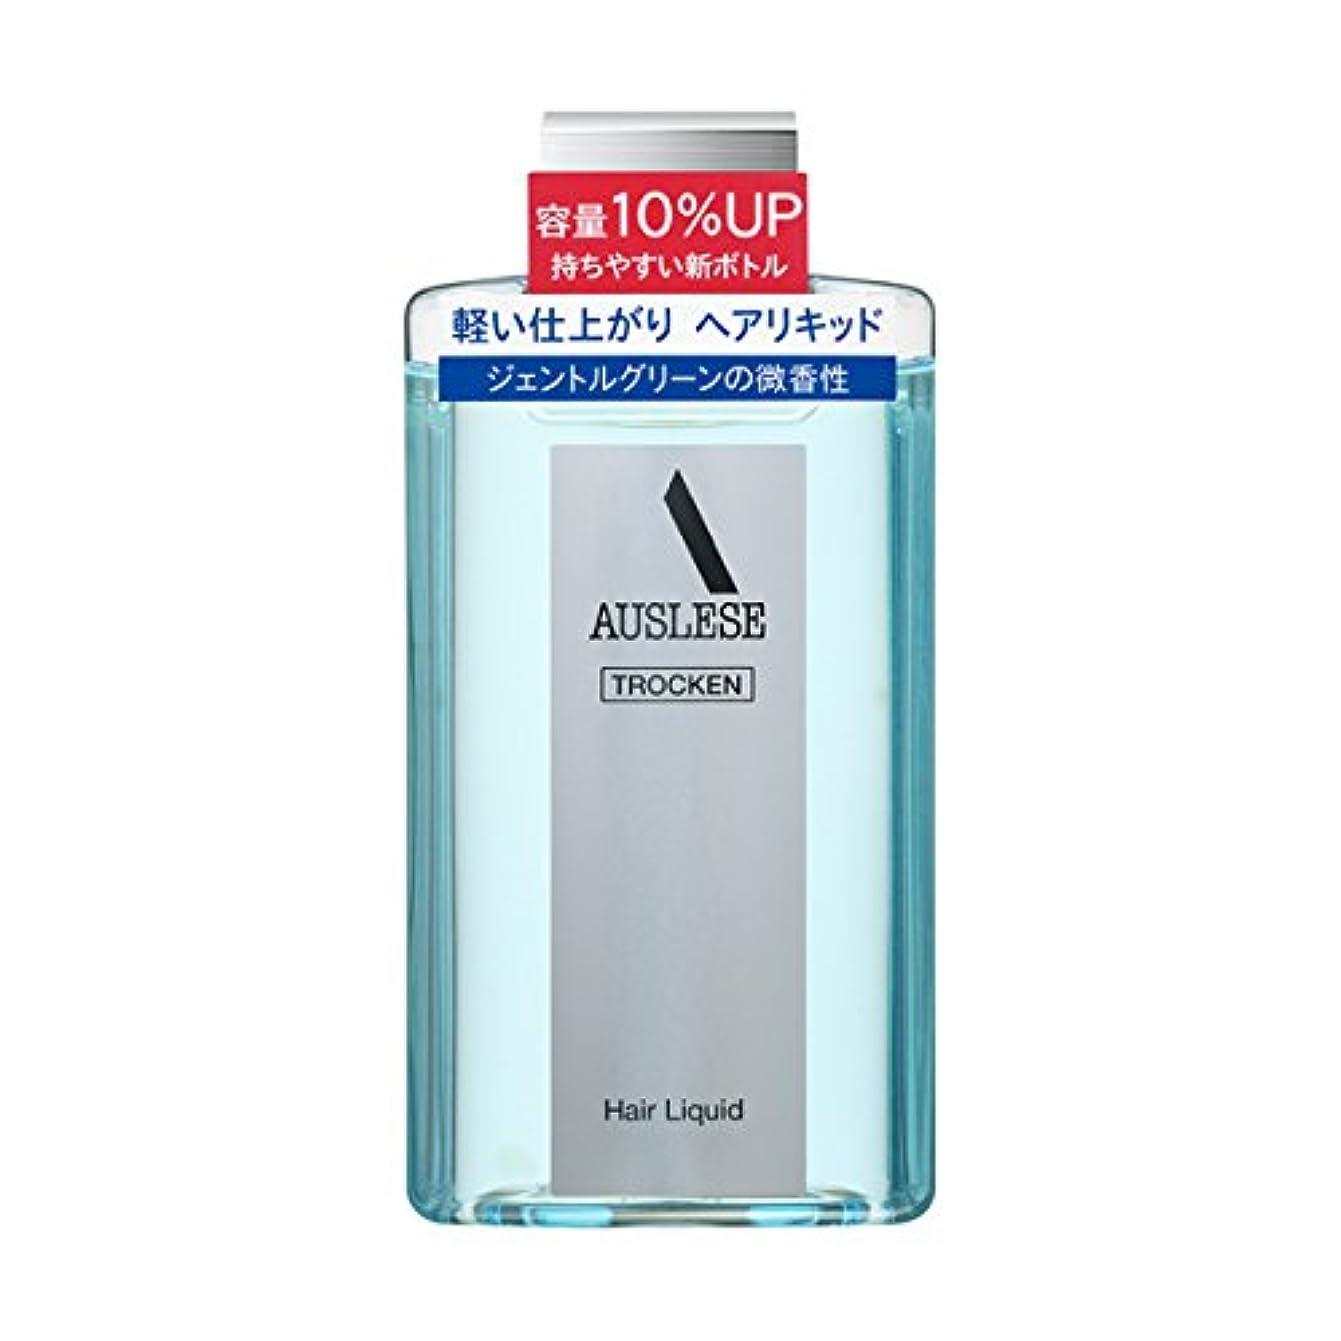 気を散らすボンド活力アウスレーゼ トロッケン ヘアリキッド 198mL